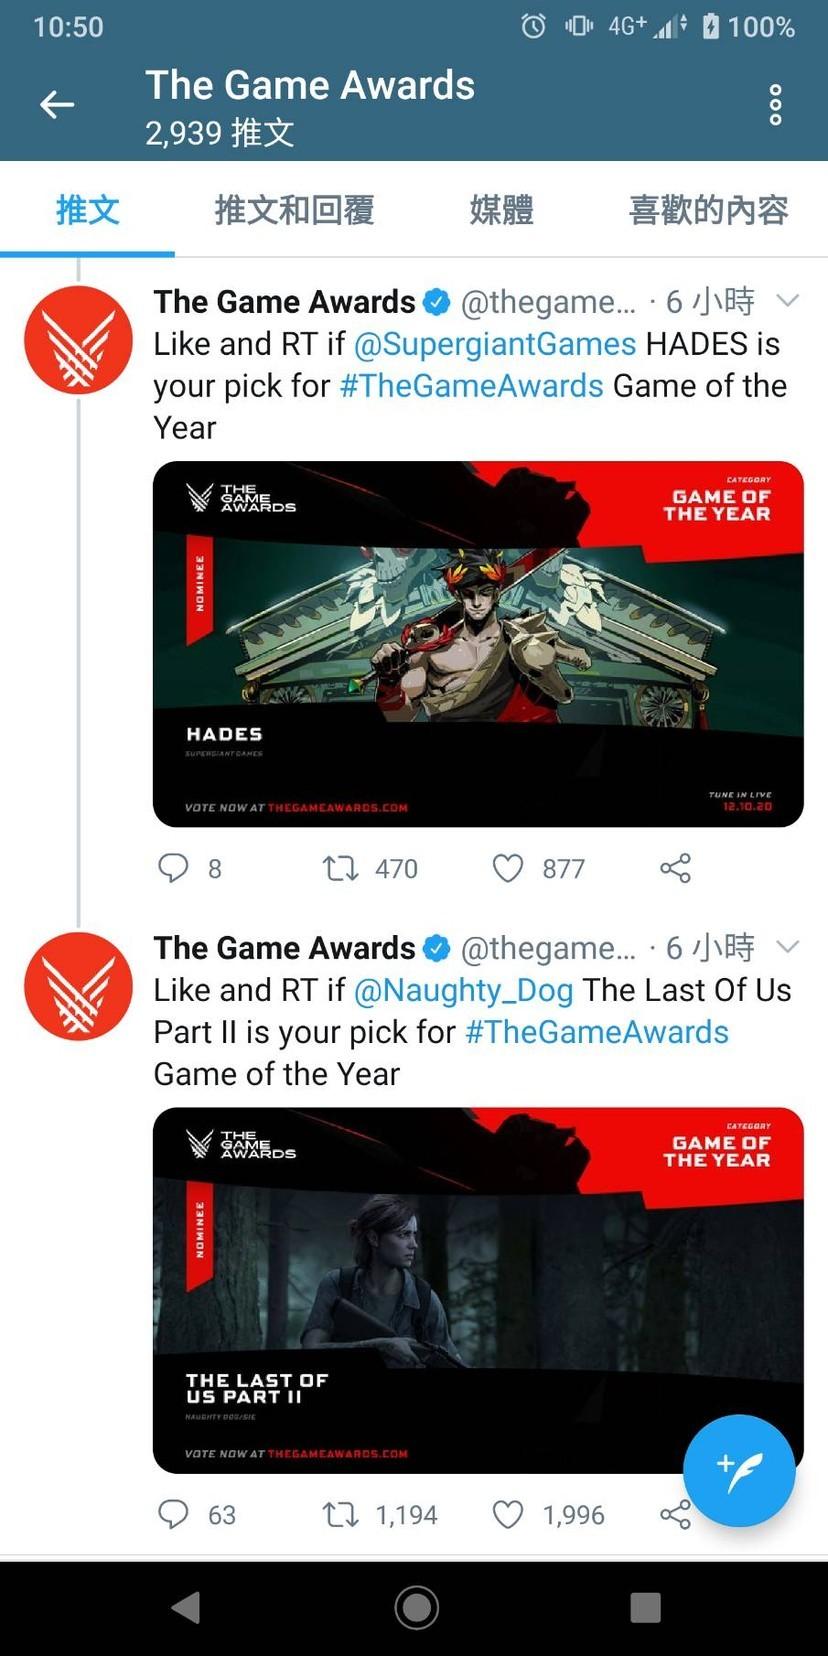 2020年度最佳遊戲獎落誰家 TGA投票「最後生還者2」暫領先鄉民崩潰